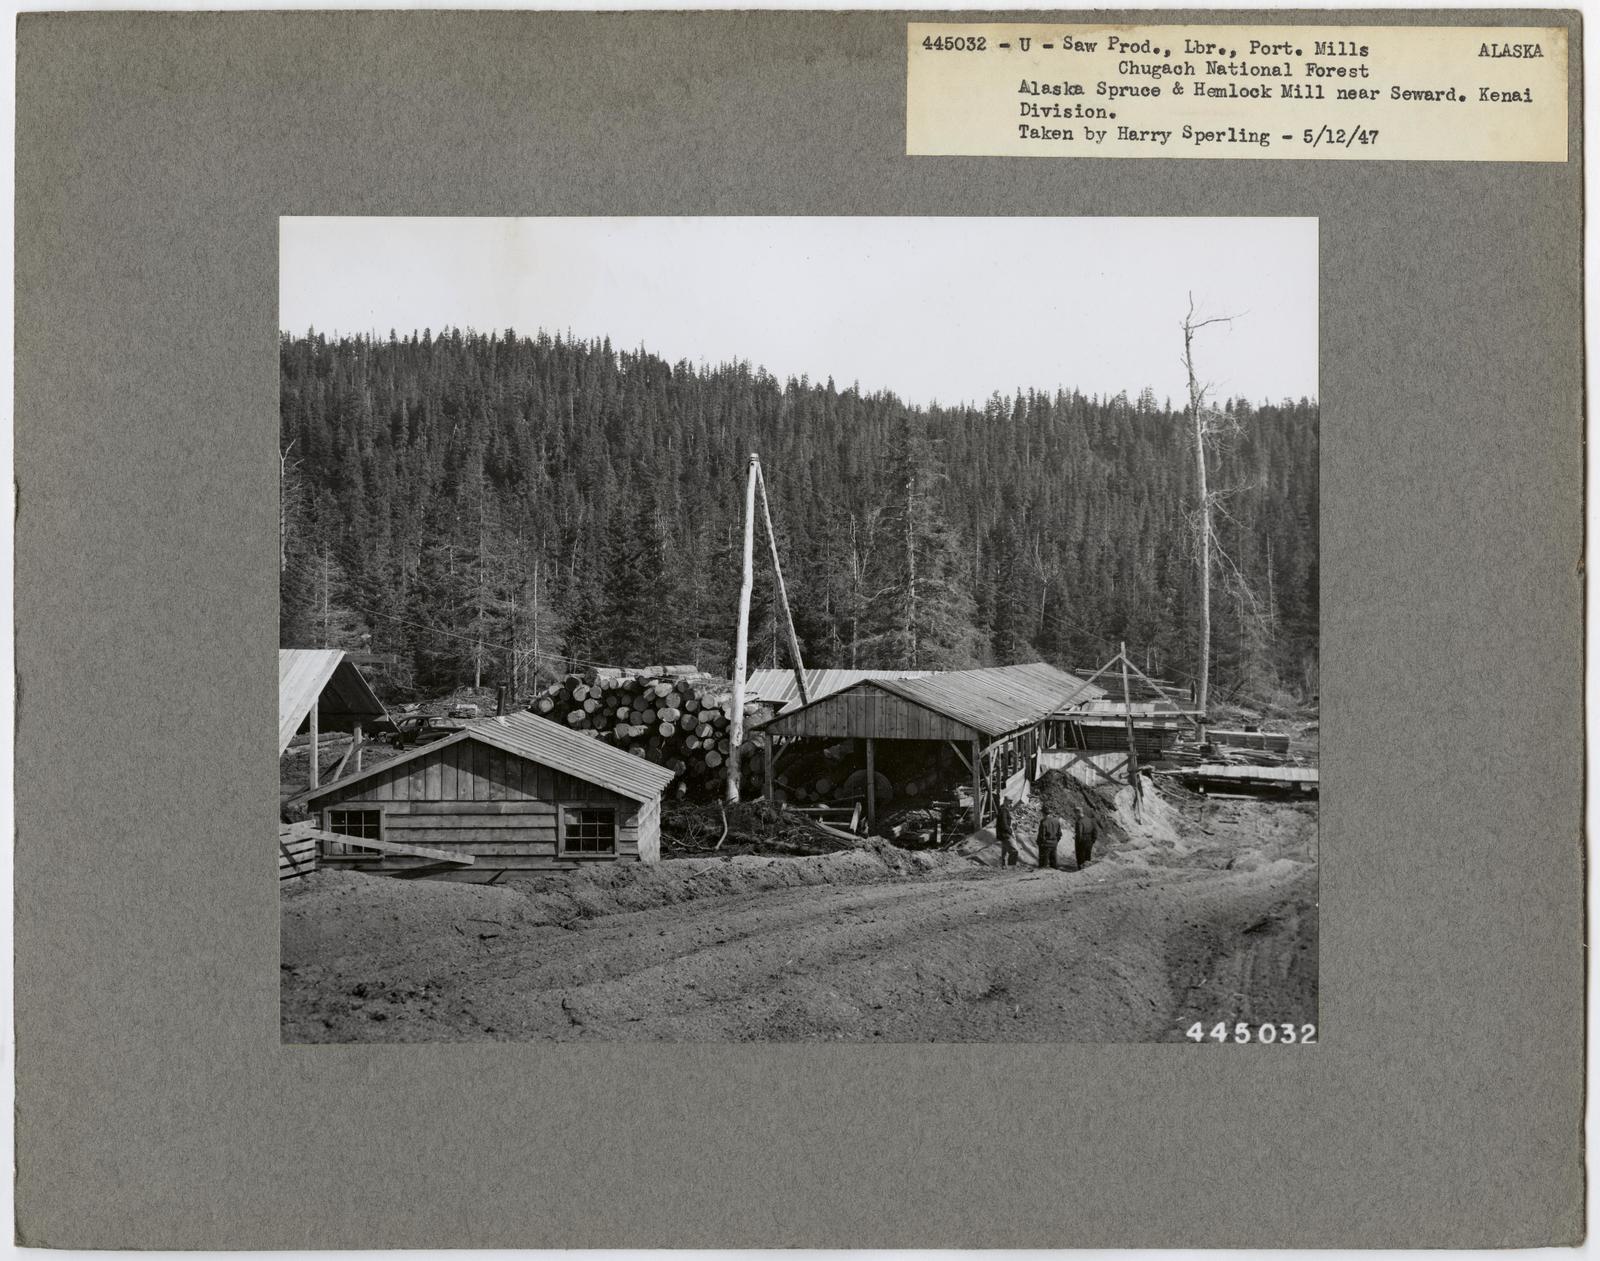 Small Sawmills - Alaska